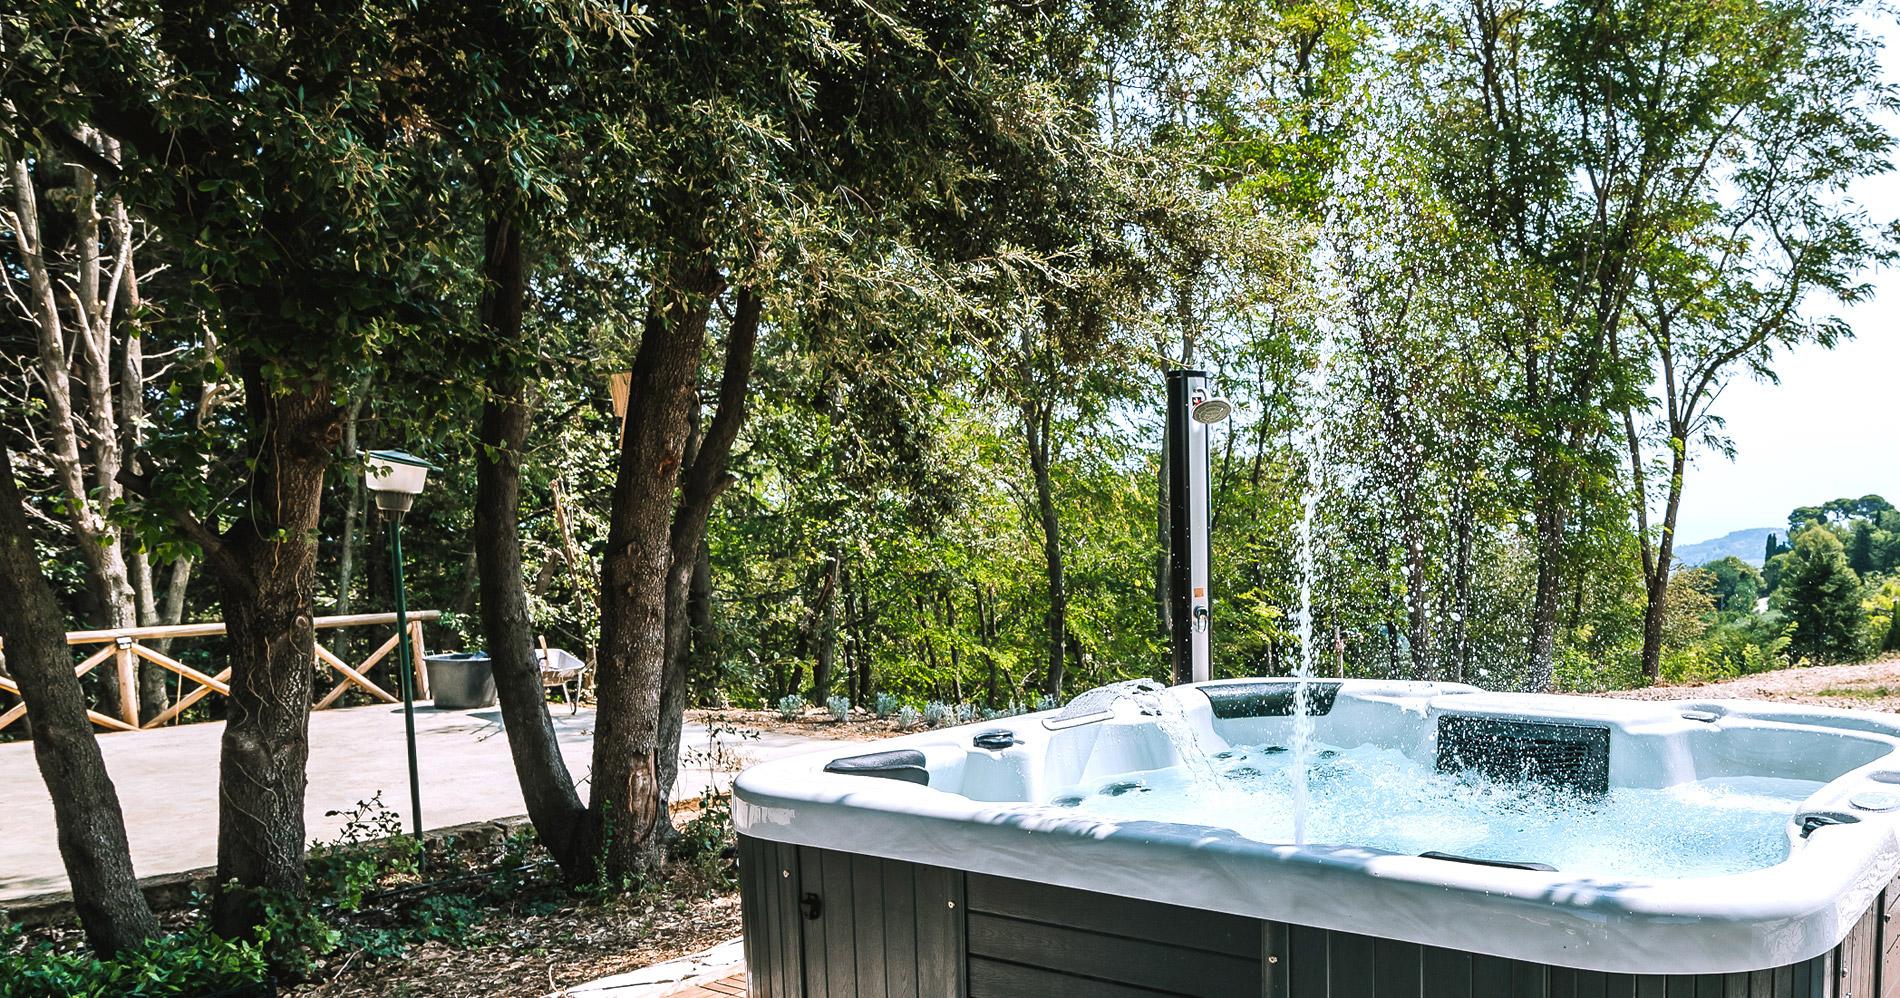 La vasca idromassaggio di Poggio Imperiale Country House nelle Marche